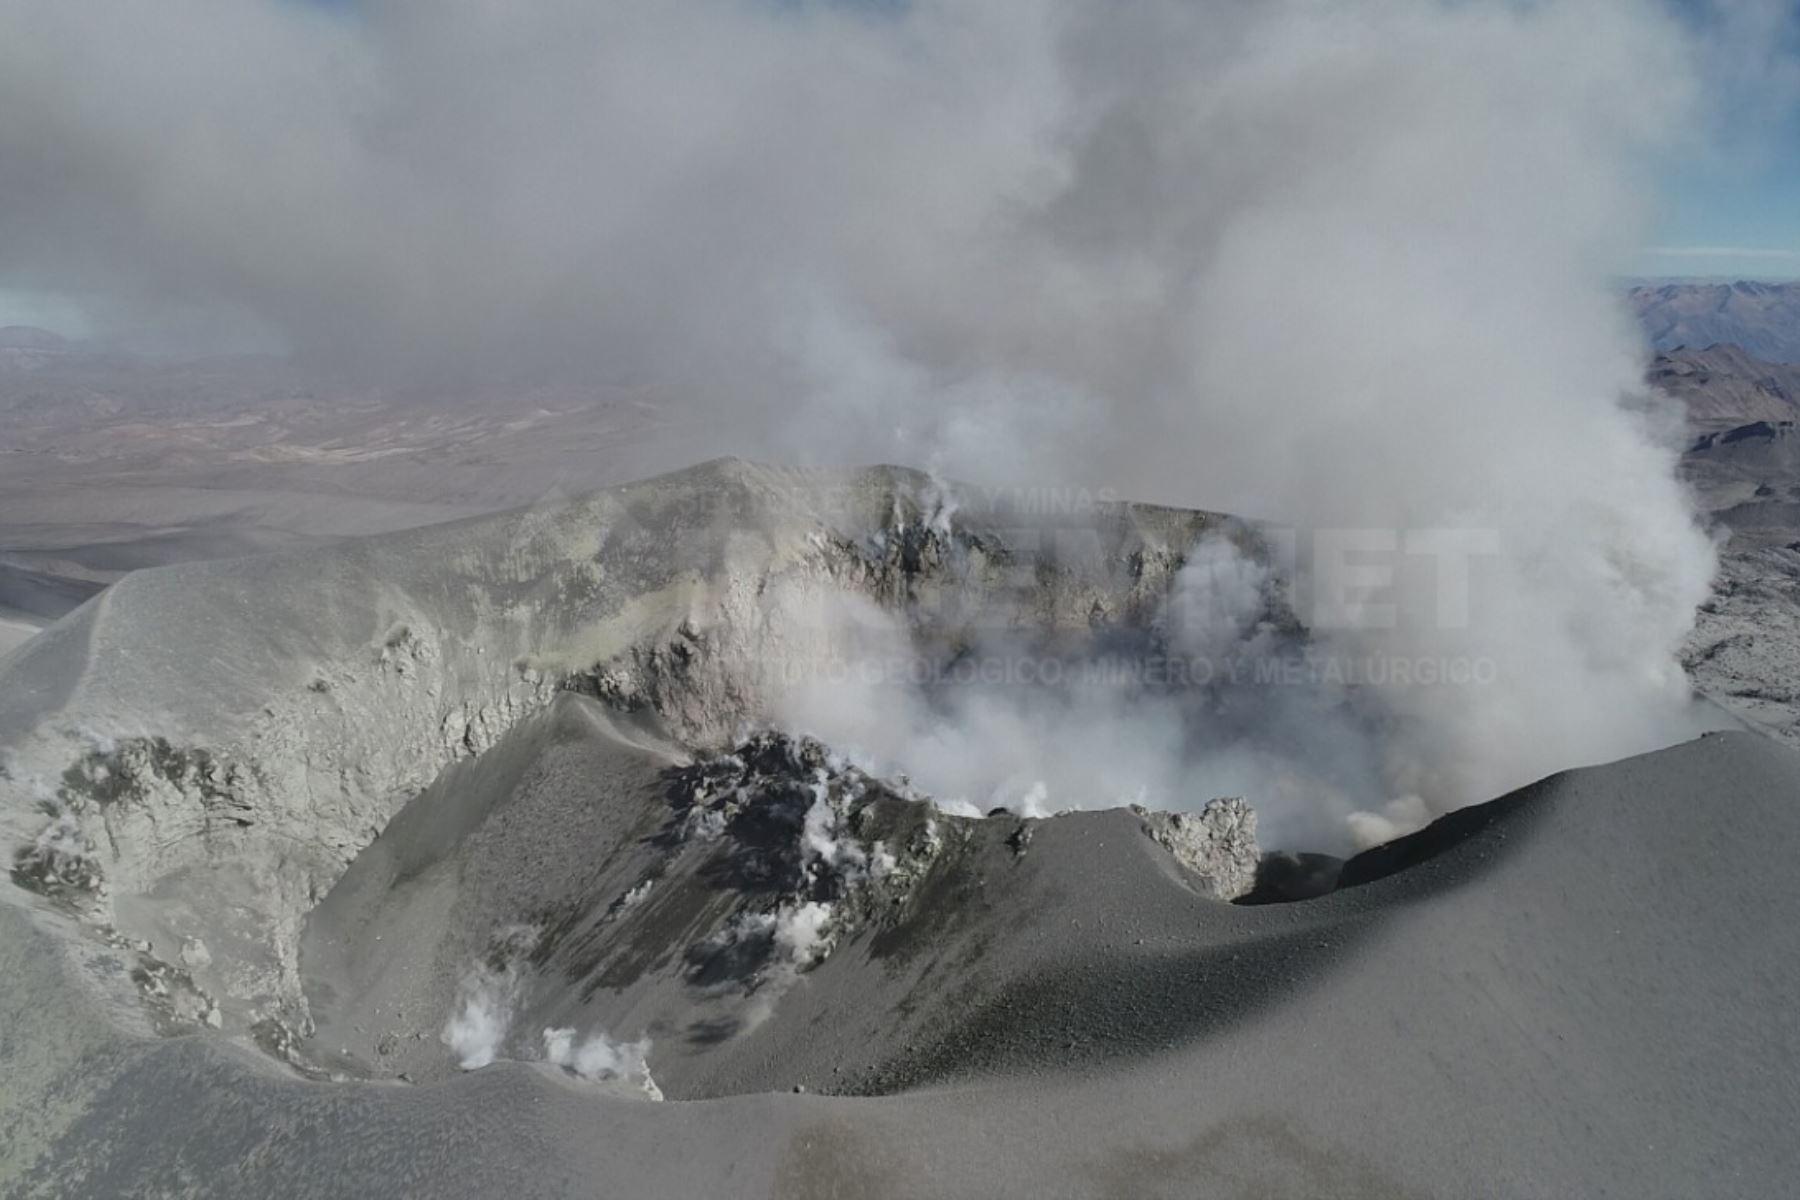 La columna eruptiva del volcán Sabancaya, ubicado en la región Arequipa, alcanzó los 2,700 metros, informó el Ingemmet. Foto: ANDINA/Difusión